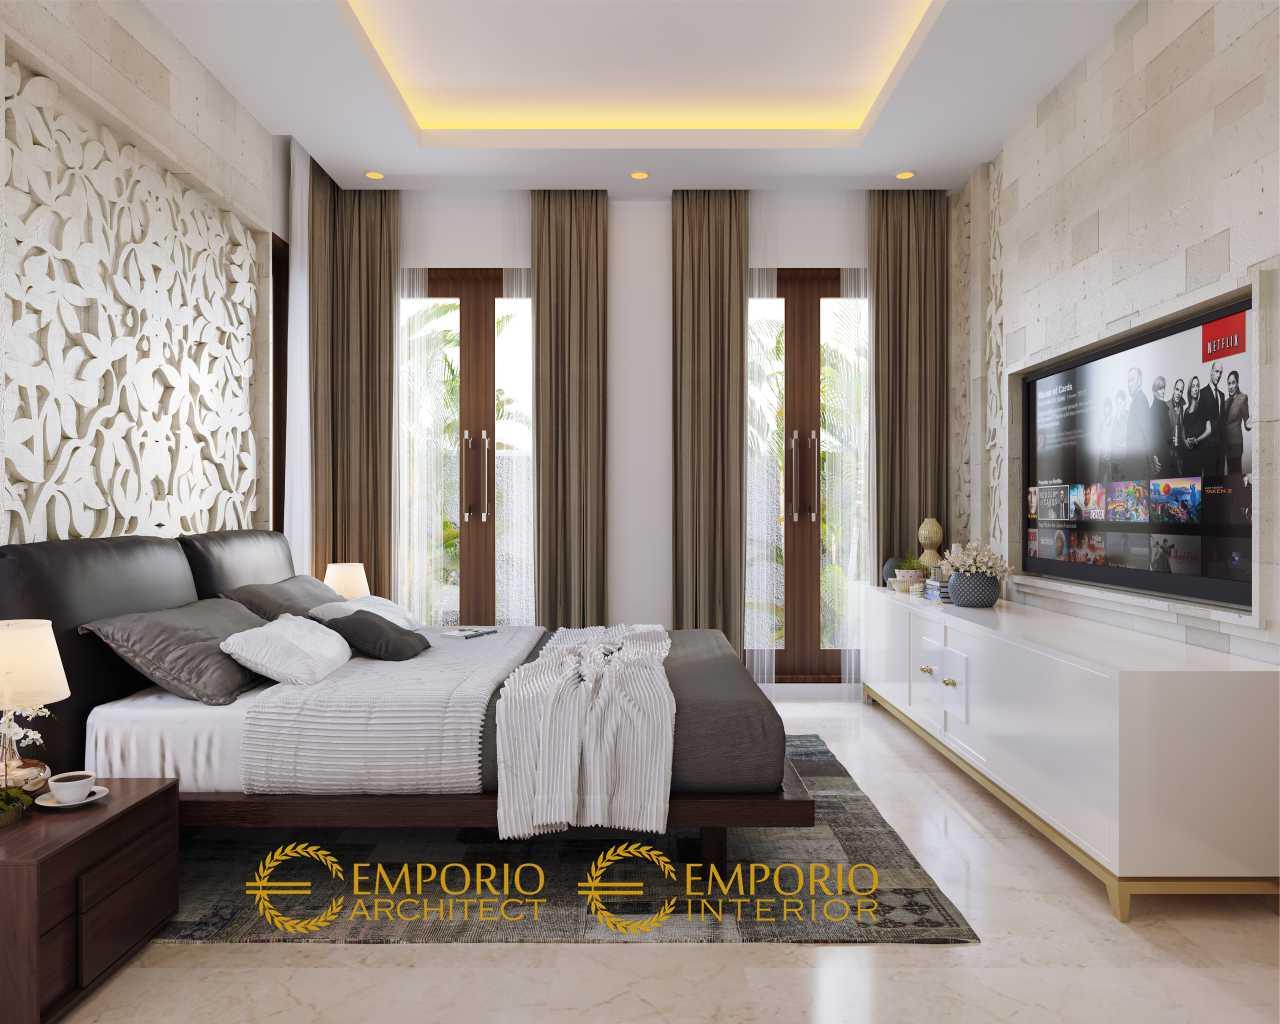 desain interior rumah mr vaibhav dan mr nilesh di india 3747541250220023831 3